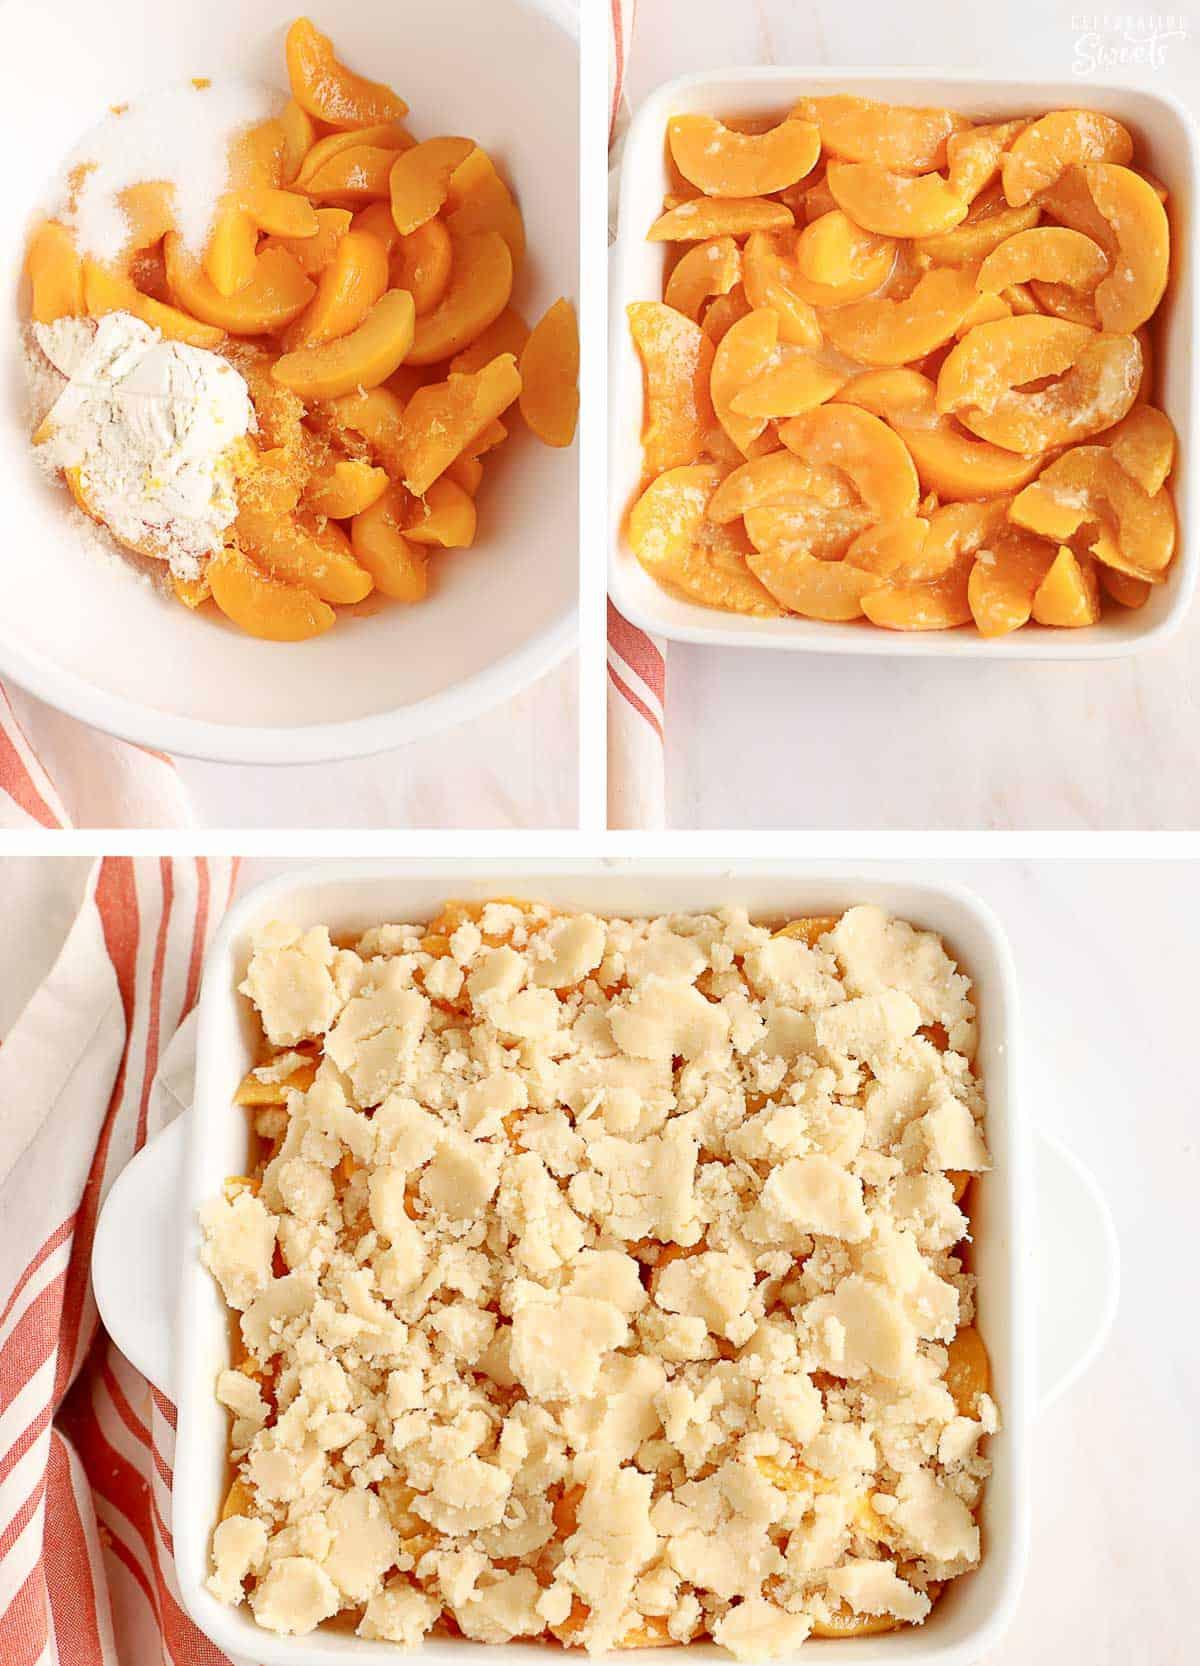 How to make peach cobbler: sliced peaches in a bowl, sliced peaches in a baking dish, sliced peaches in a baking dish topped with cobbler dough.